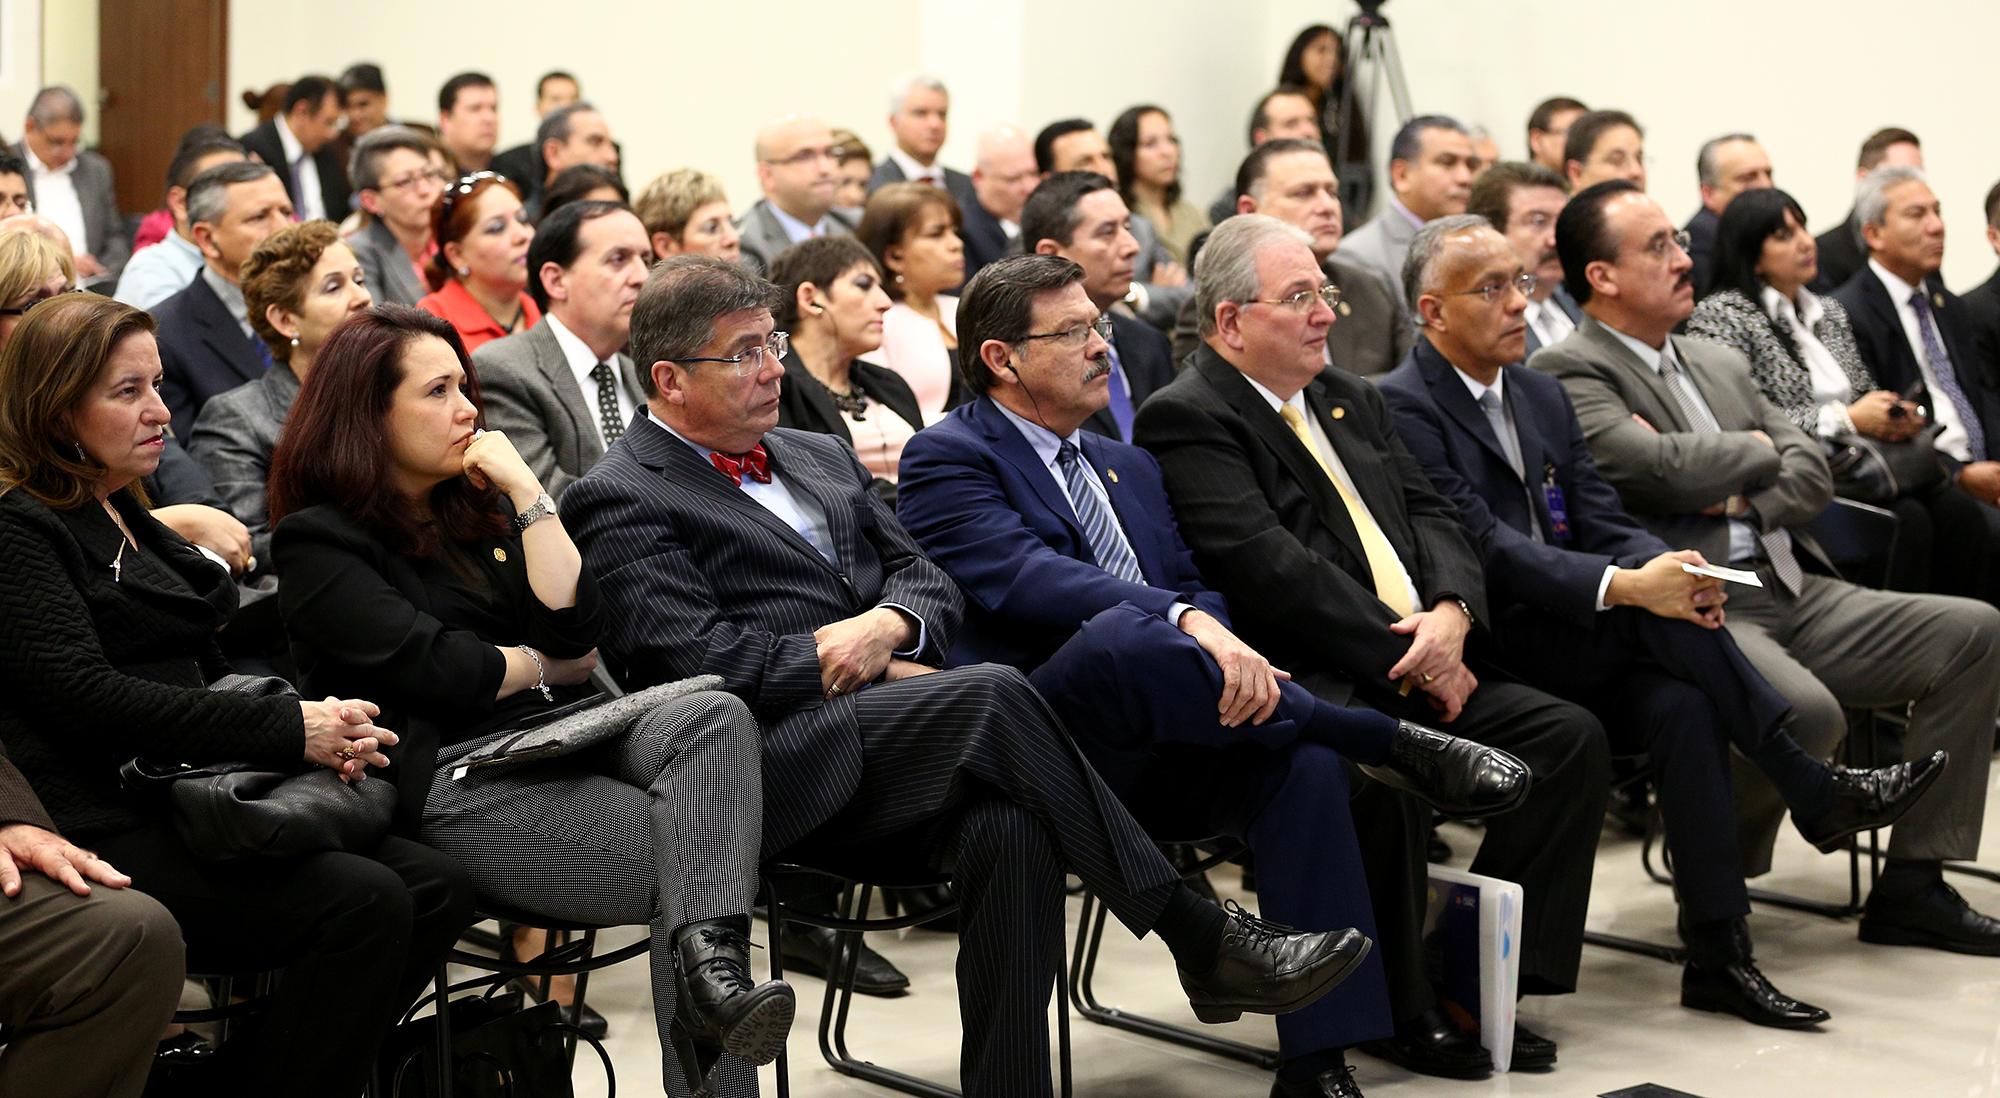 Extra El Rector de la UANL, Rogelio Garza Rivera, secretarios y miembros del Consejo Consultivo Internacional